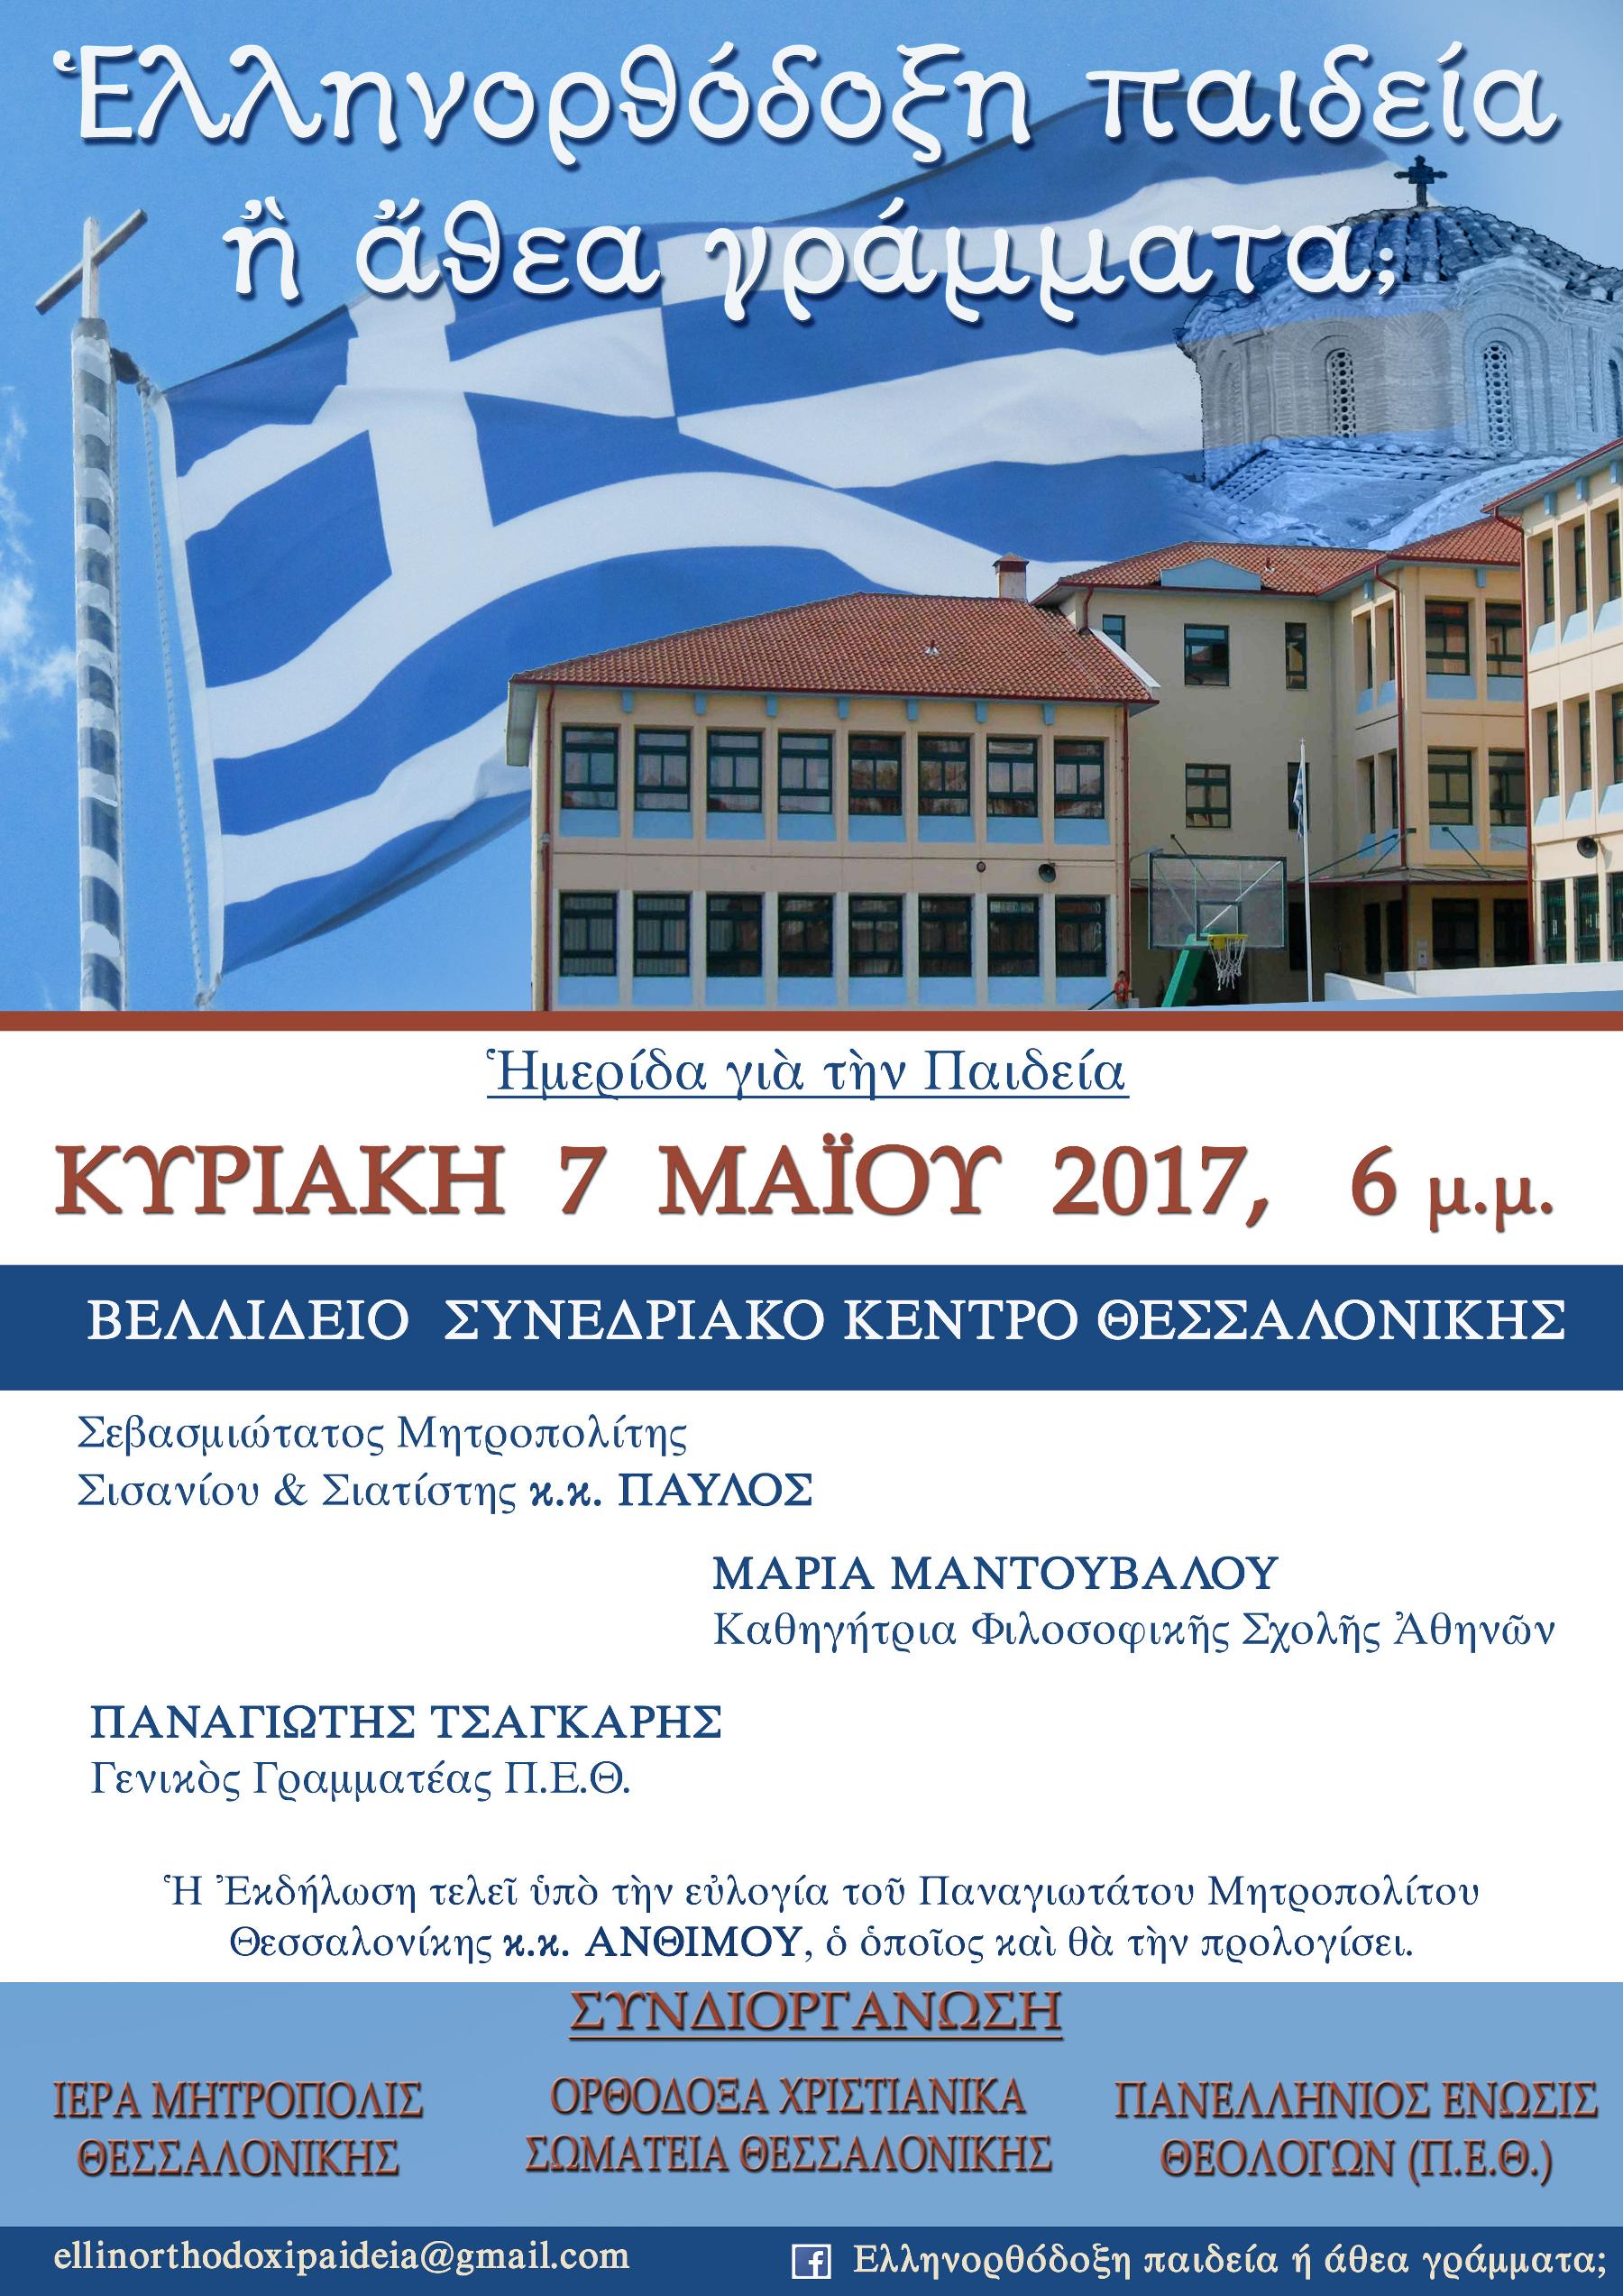 Ελληνορθόδοξη παιδεία ή άθεα γράμματα